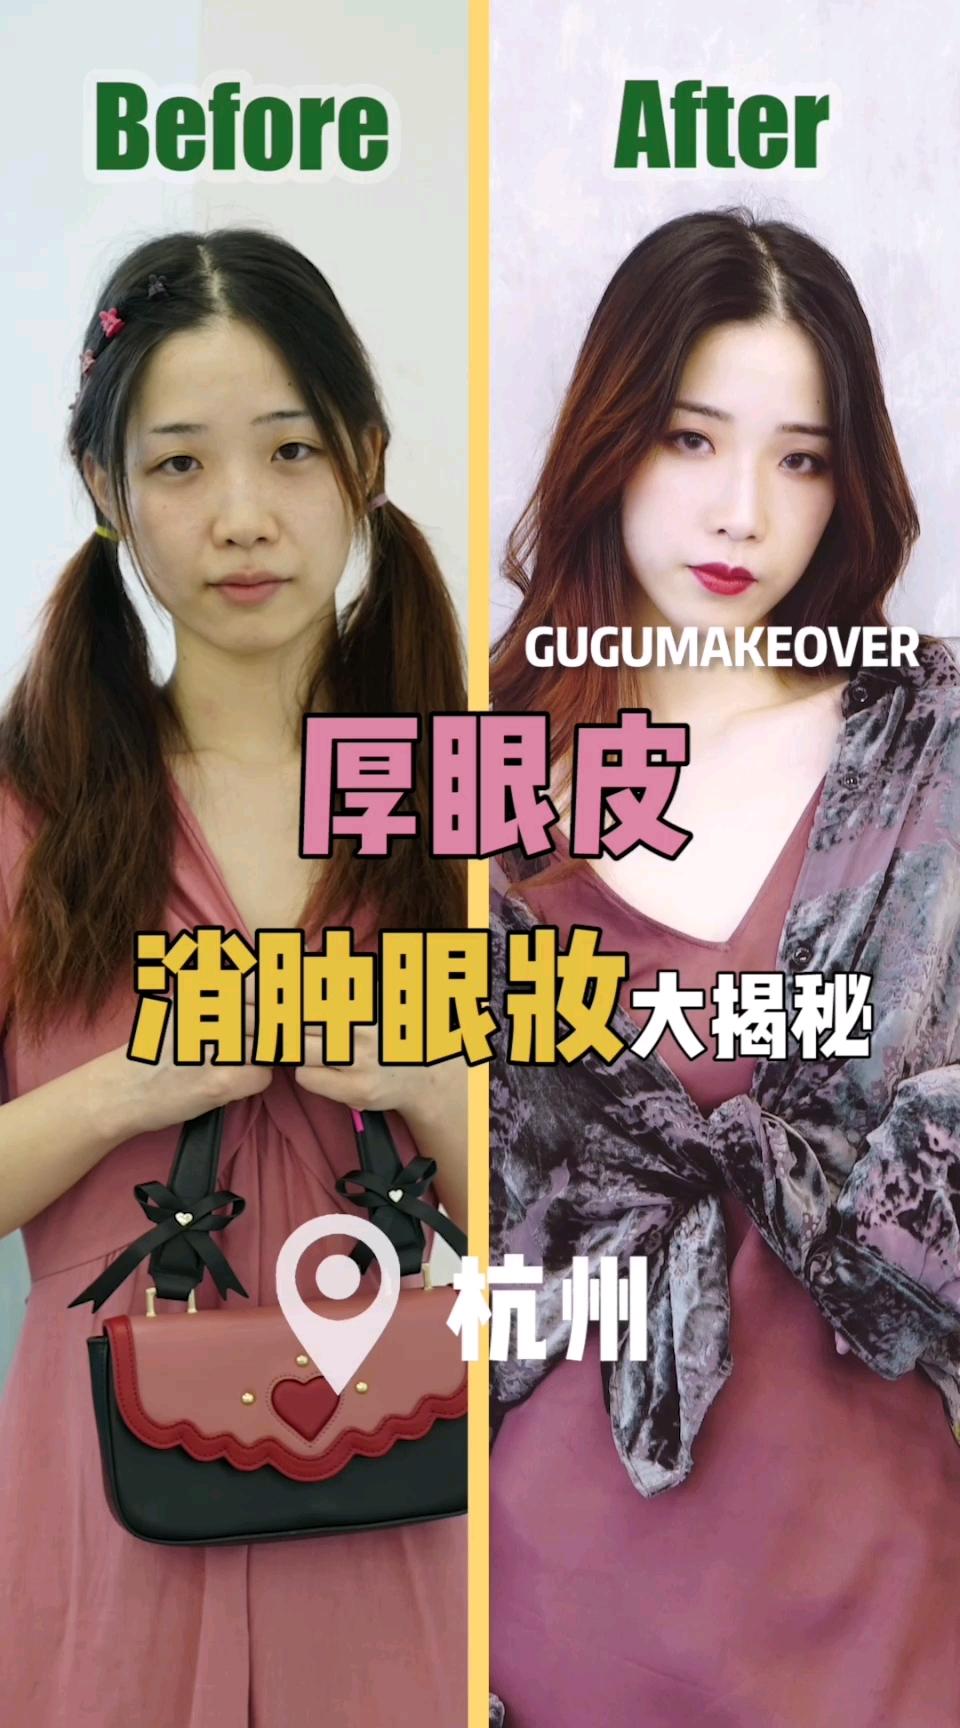 单眼皮眼妆怎么画好看?现在我真的相信眼妆能拯救整张脸! #素人改造# 你们脸部最想改造的部位是哪里?